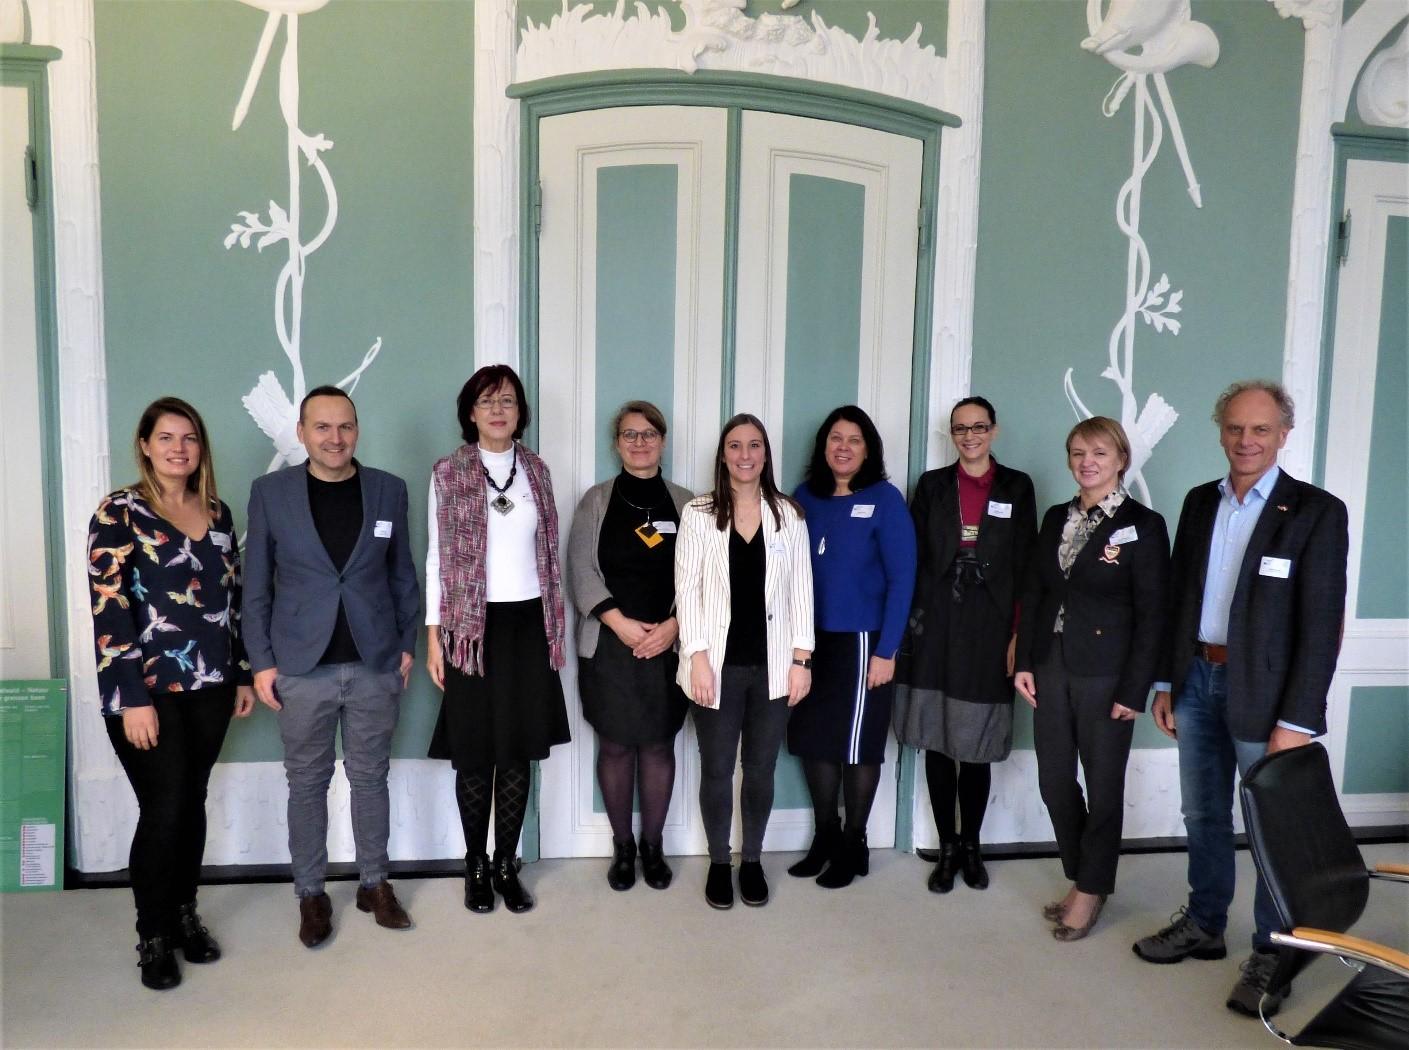 Interreg Europe Project 'BRESE' ondersteunt sociale ondernemingen in Euregio Rijn-Waal en andere Europese regio's